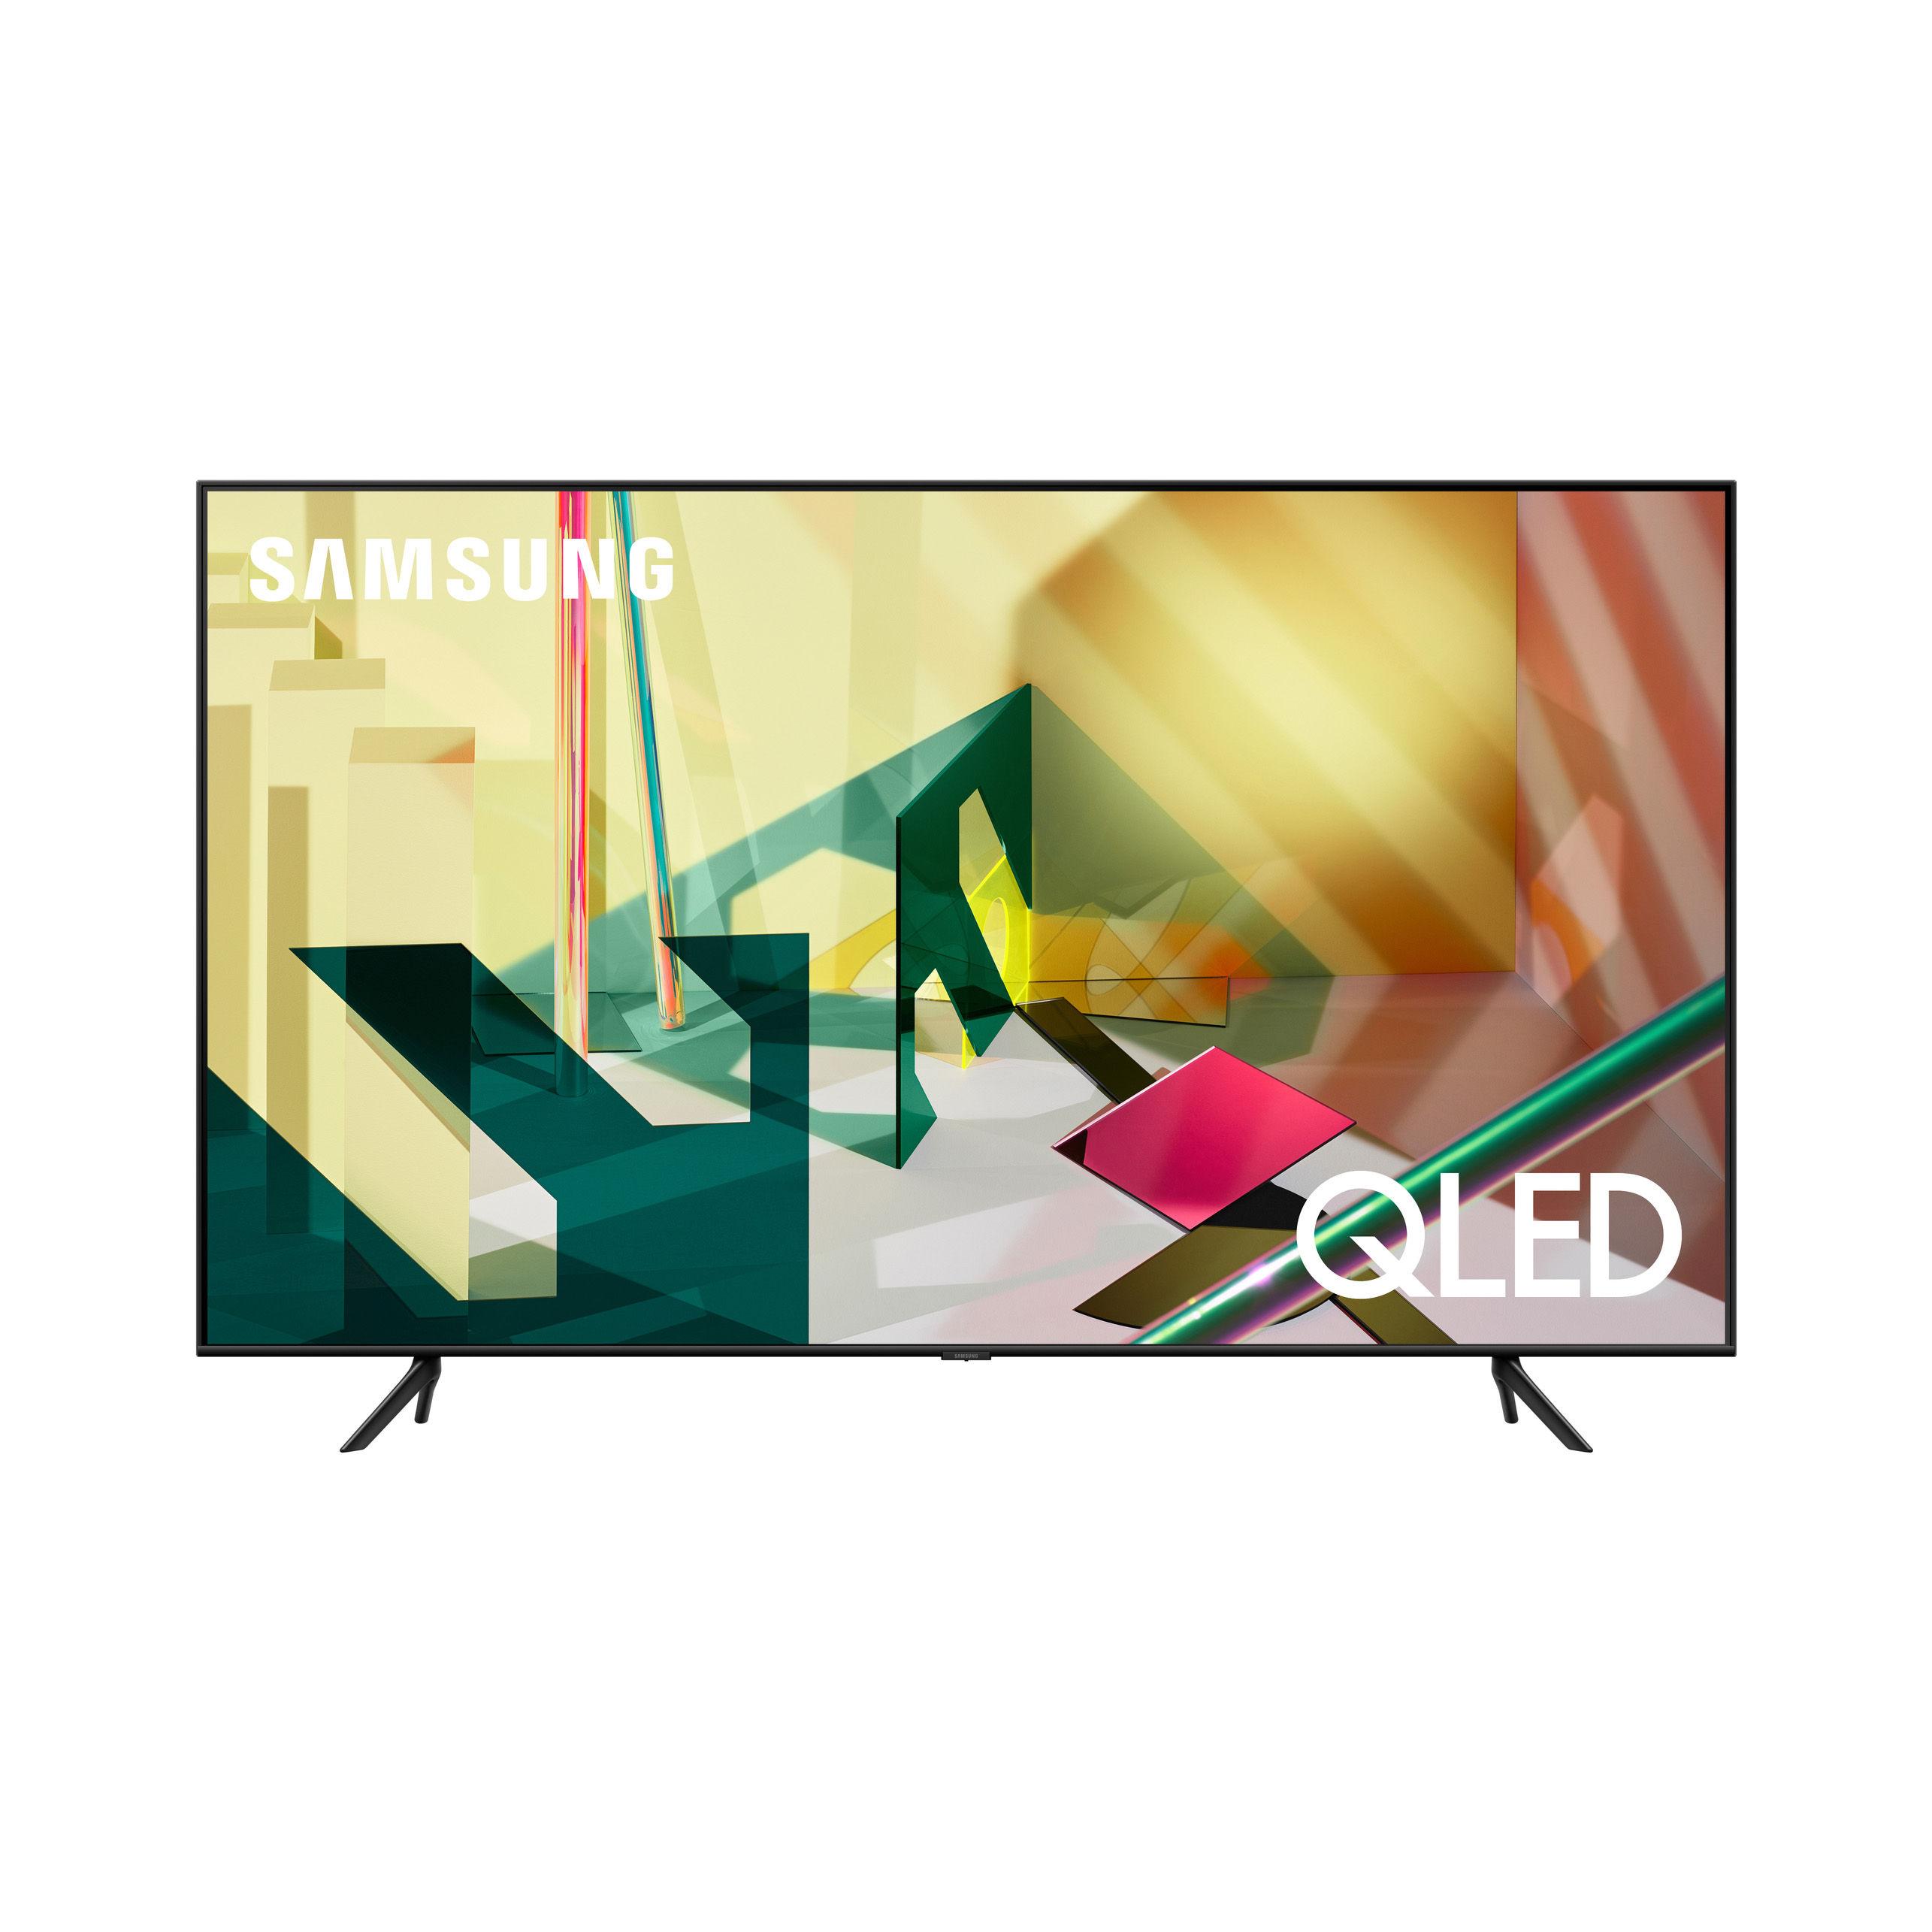 Samsung 65 Inch 4K QLED Smart TV QN65Q70TAFXZA